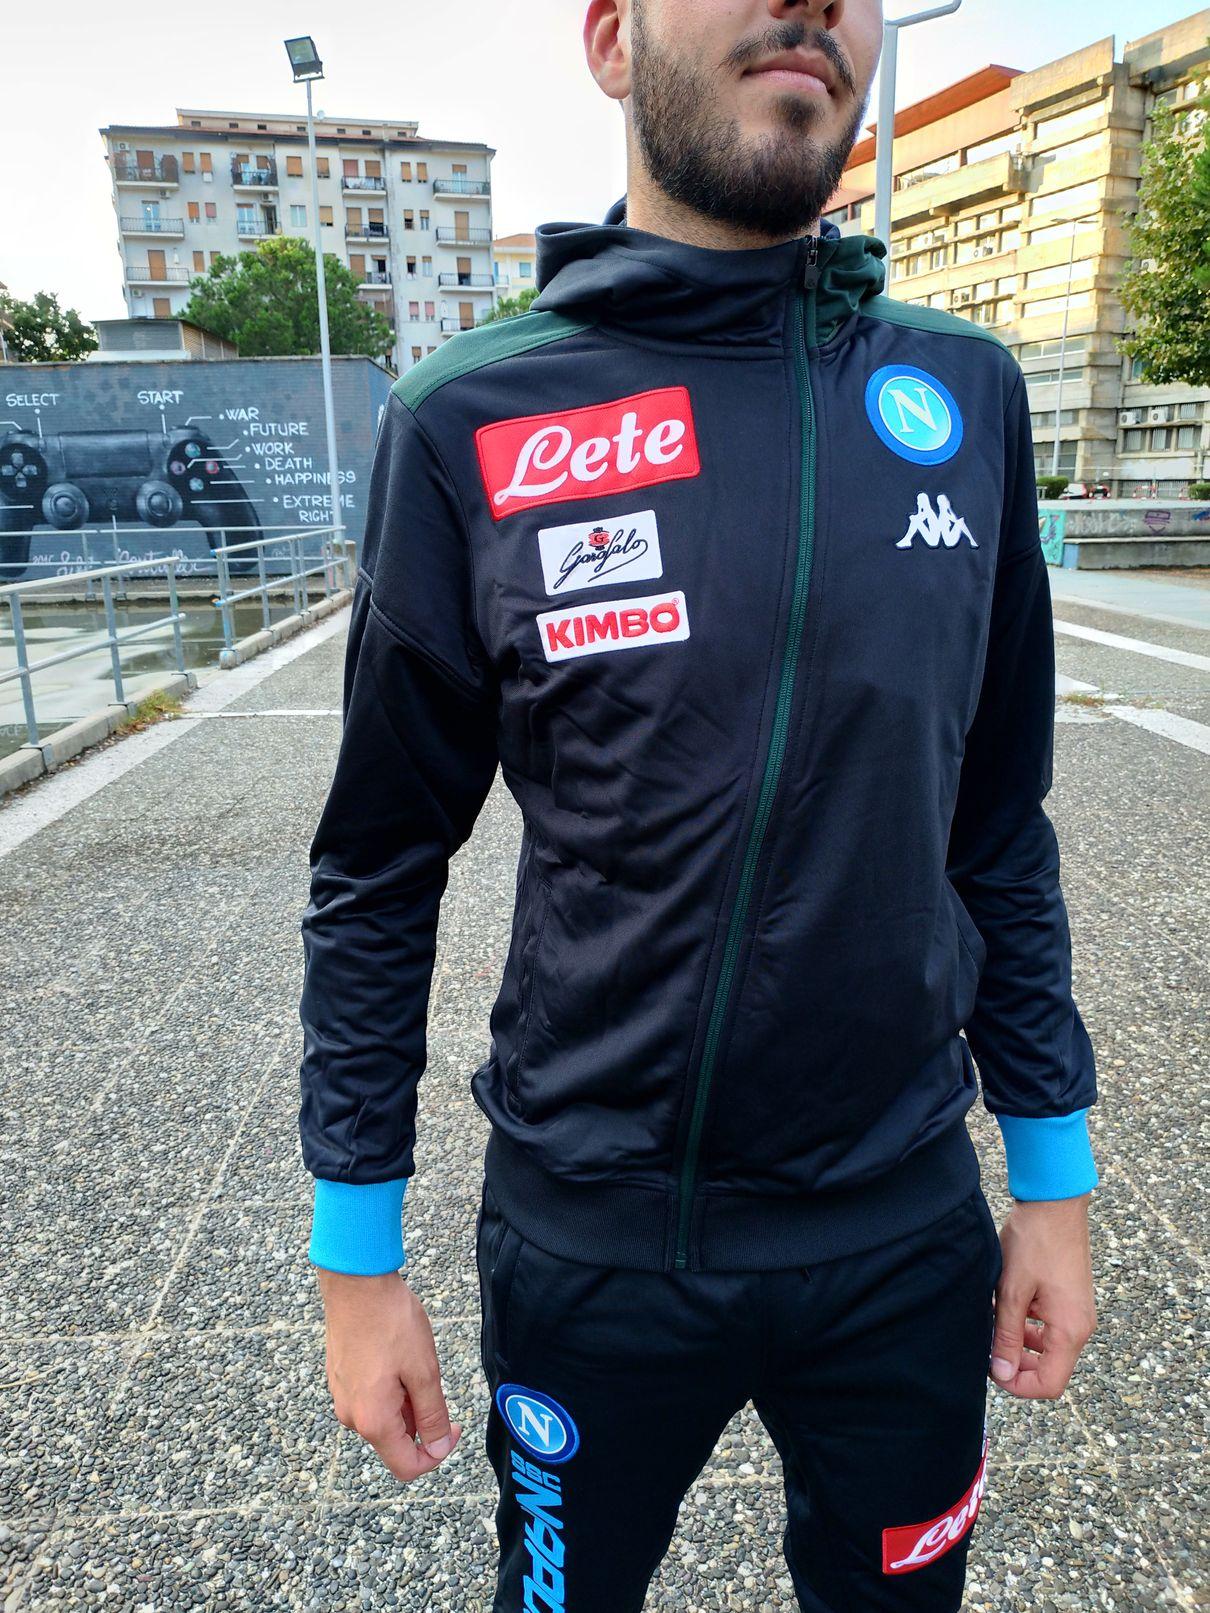 12eeca893 Napoli Naples Kappa Tuta Rappresentanza Pres Tracksuit Cappuccio ASTEOD Blu  5 5 di 11 ...